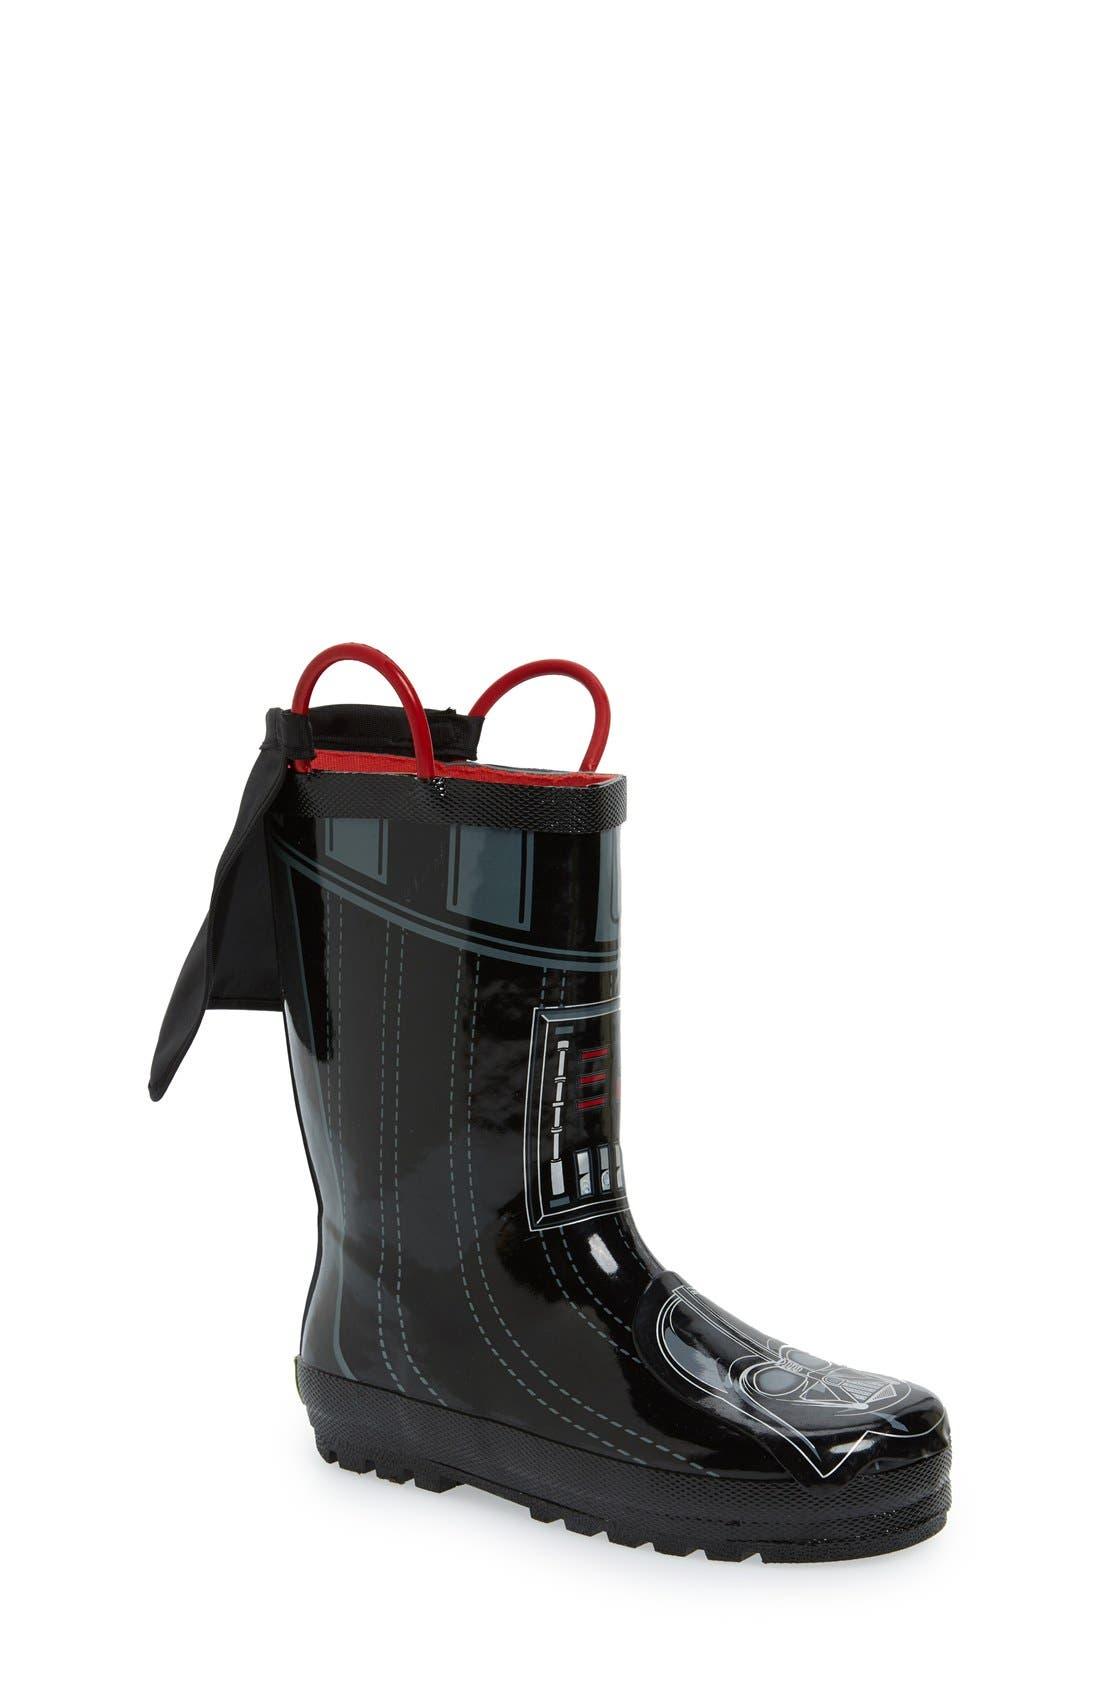 'Star Wars<sup>™</sup> - Darth Vader' Waterproof Rain Boot,                             Main thumbnail 1, color,                             Black